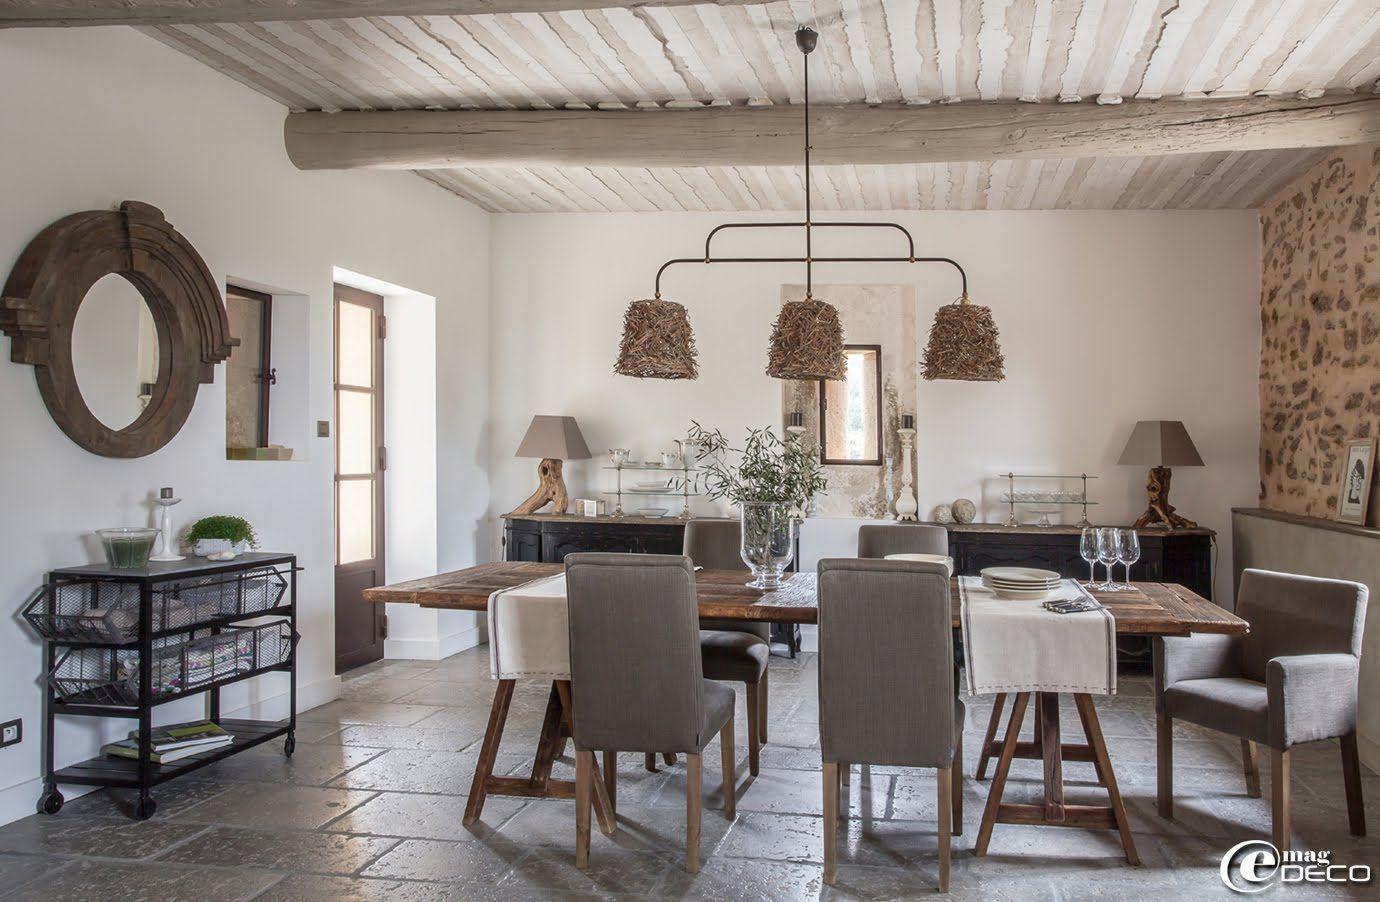 salle manger de la maison dhtes de charme la bergerie de nano miroir oculus maisons du monde et desserte mtallique roulettes athezza